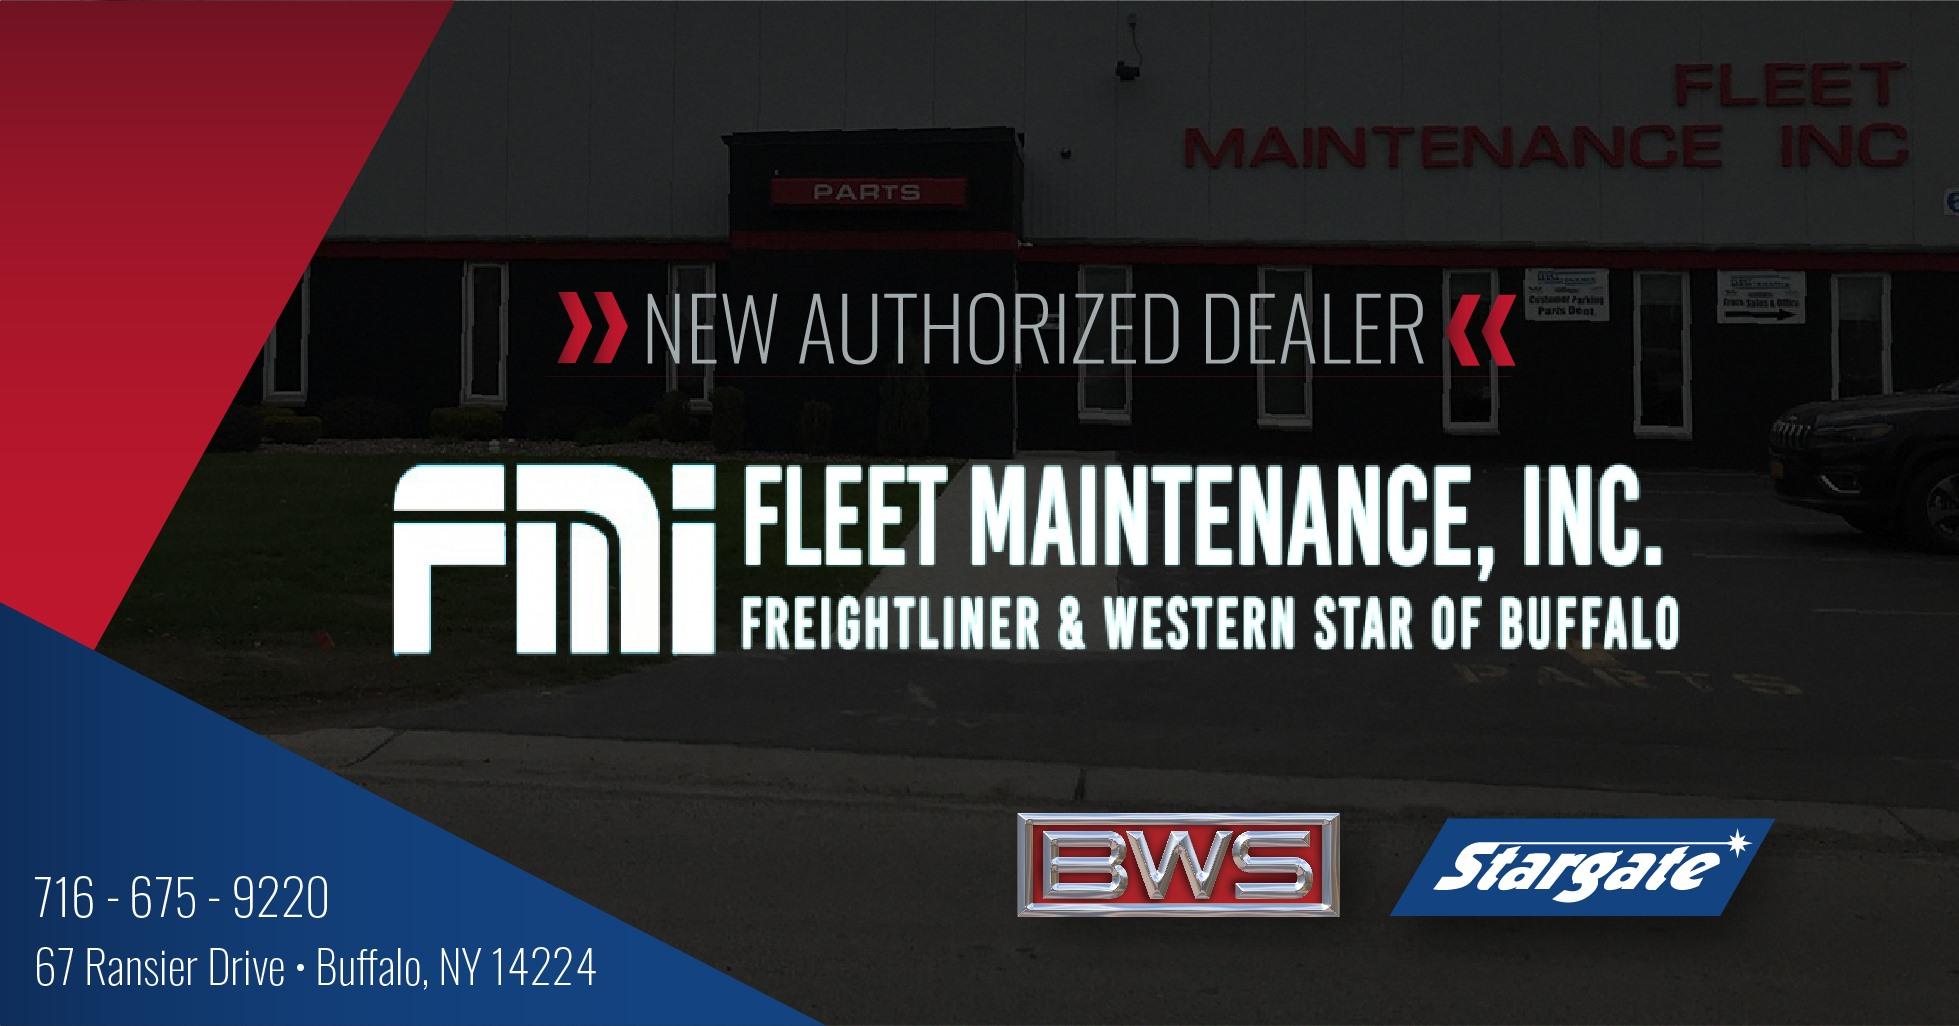 Fleet Maintenance Inc - BWS & Stargate Dealer